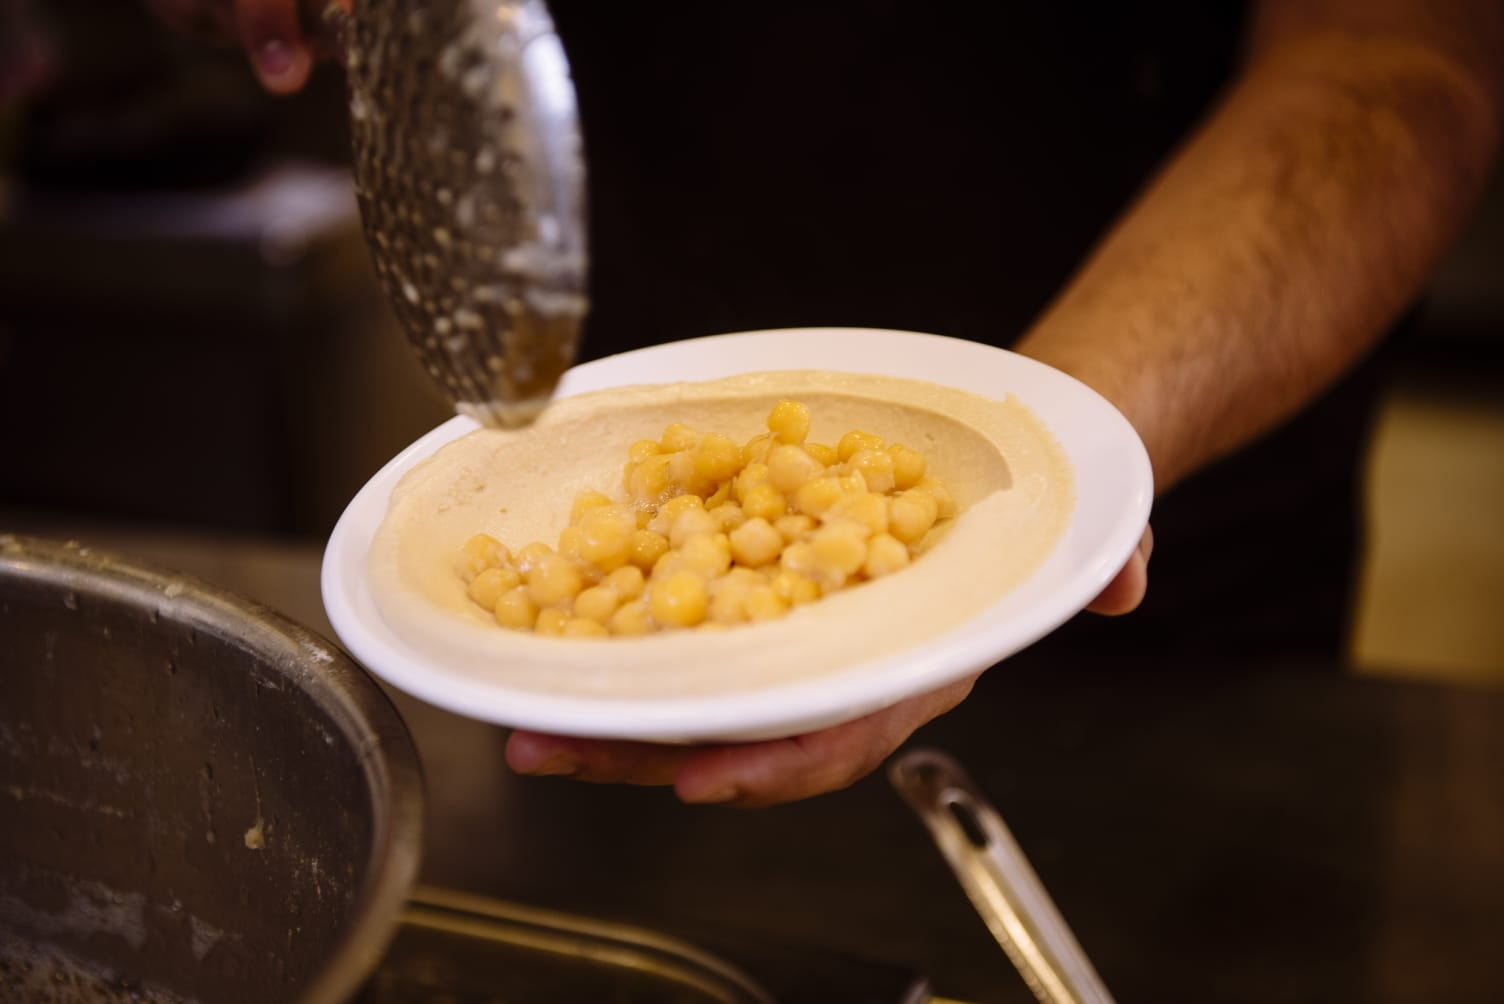 המסעדות הטובות ביותר ב רמת השרון - החומוסייה של אבו ברקוביץ׳